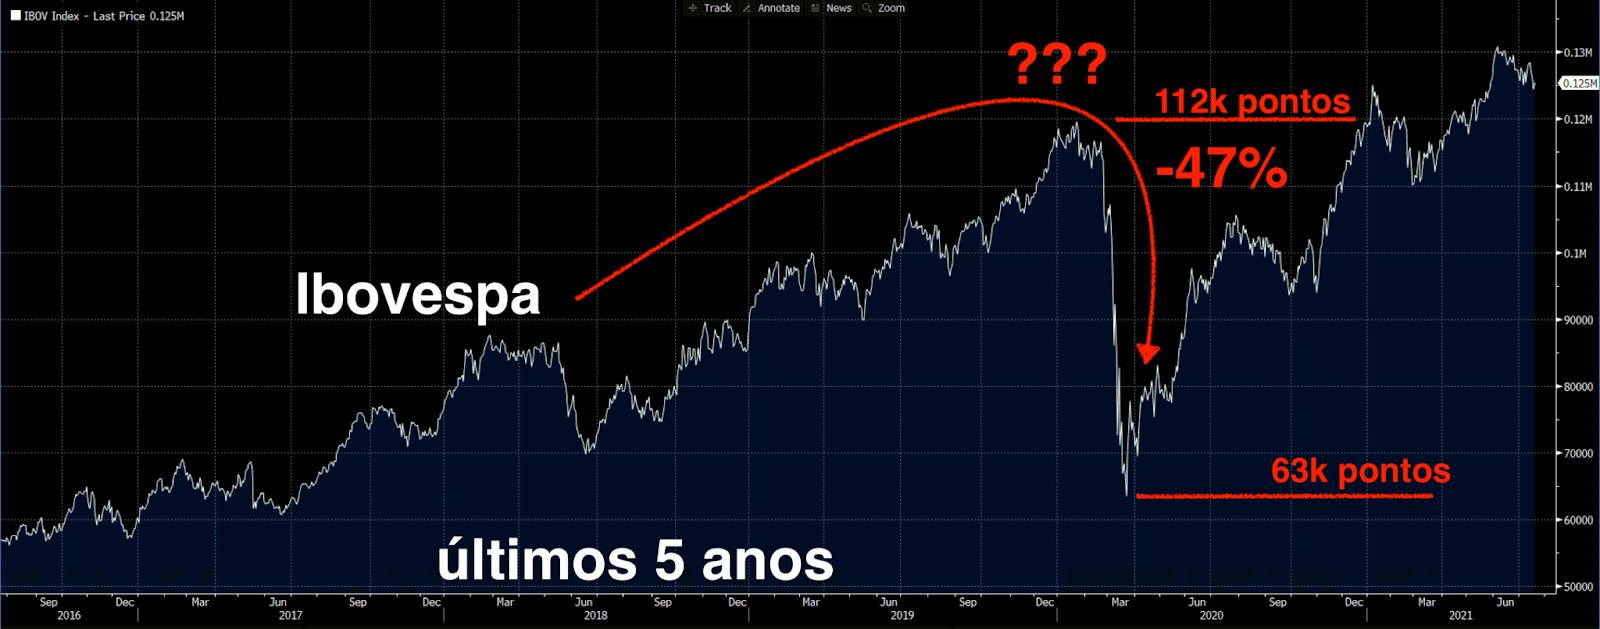 Gráfico apresenta desempenho Ibovespa nos últimos 5 anos.